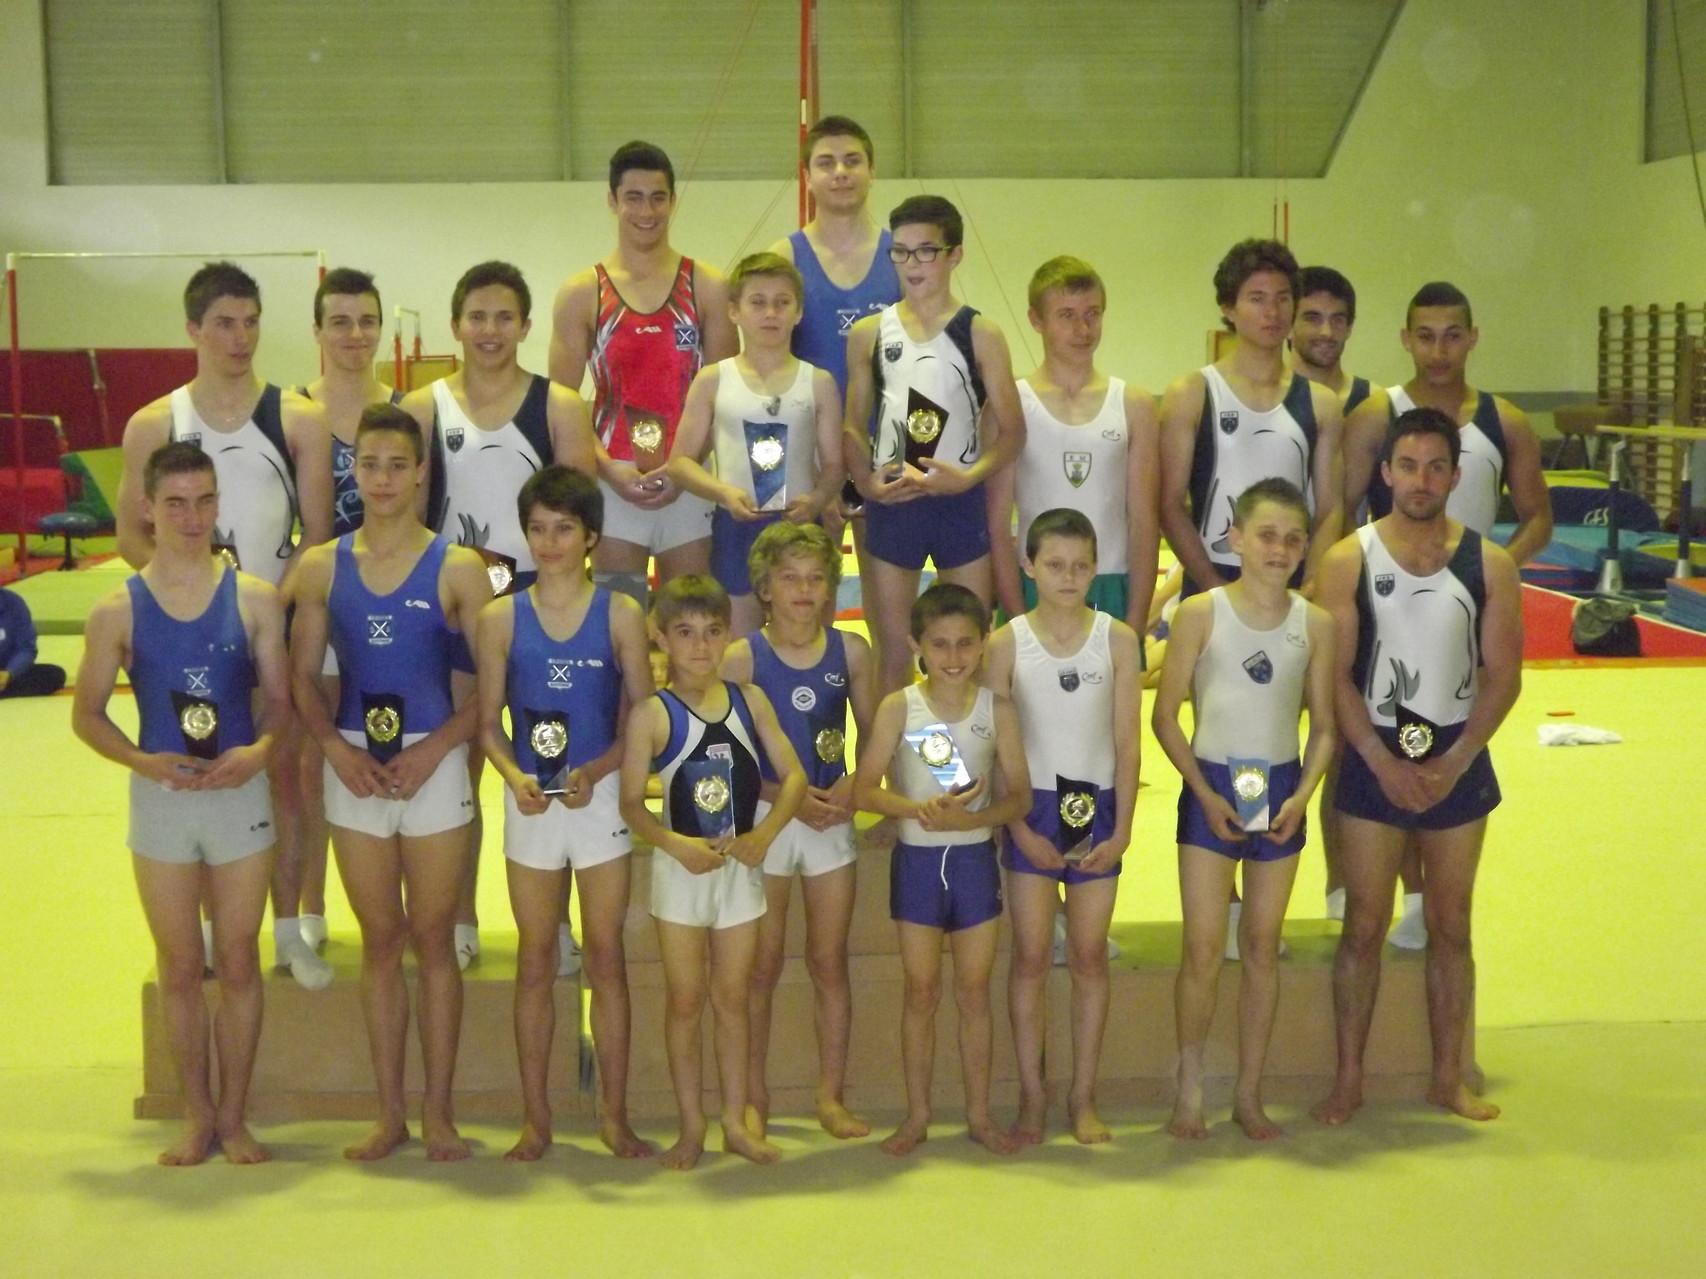 Groupe des gymnastes récompensés